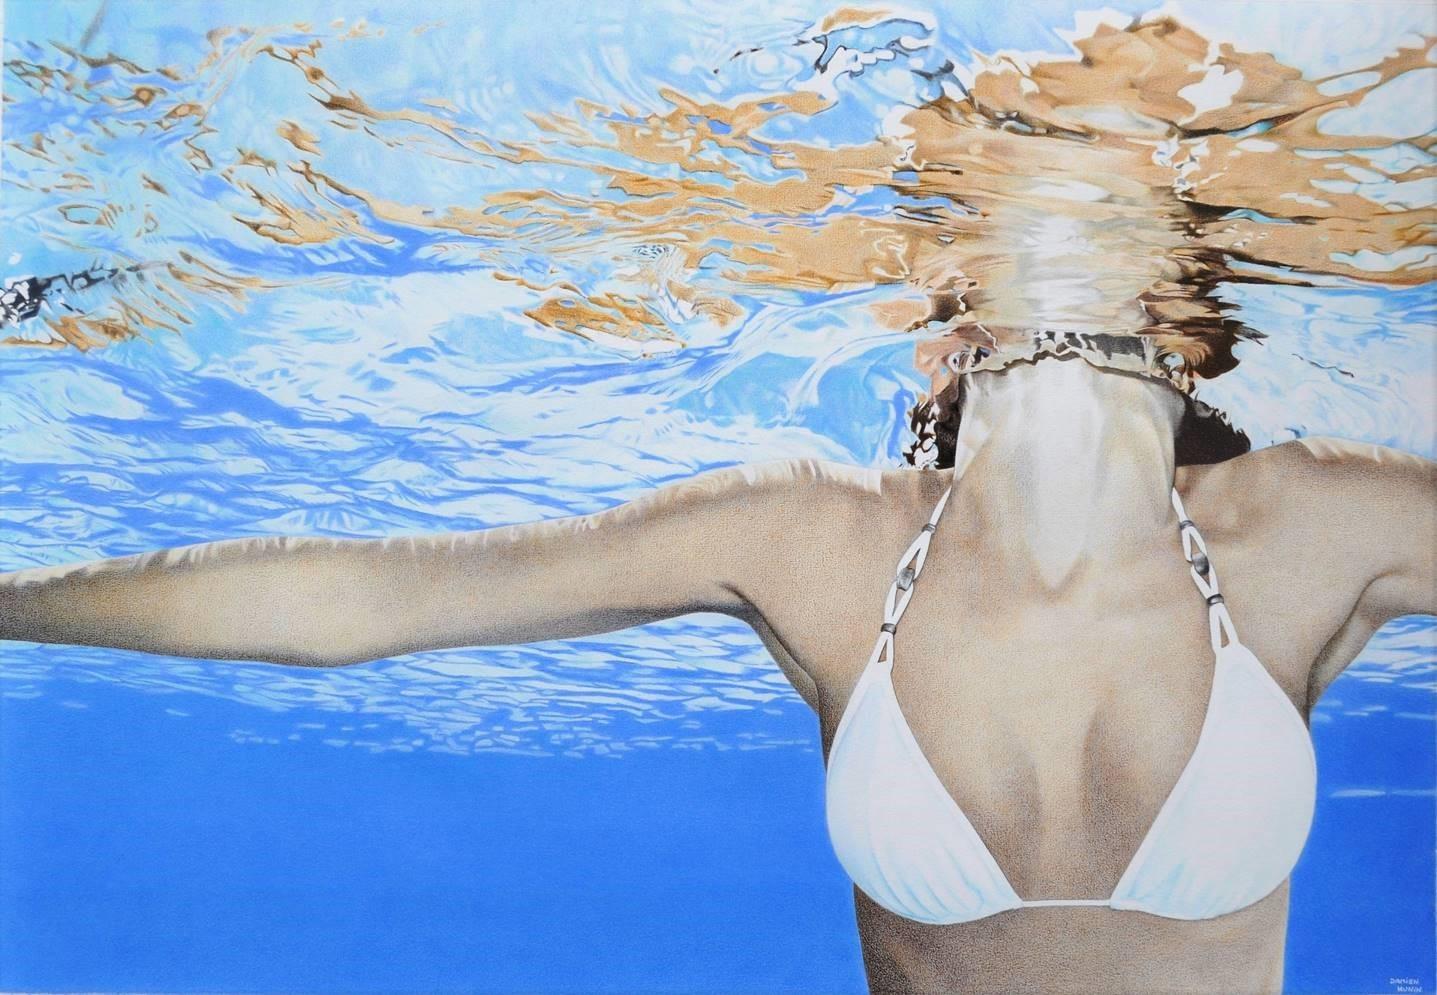 La tête hors de l'eau